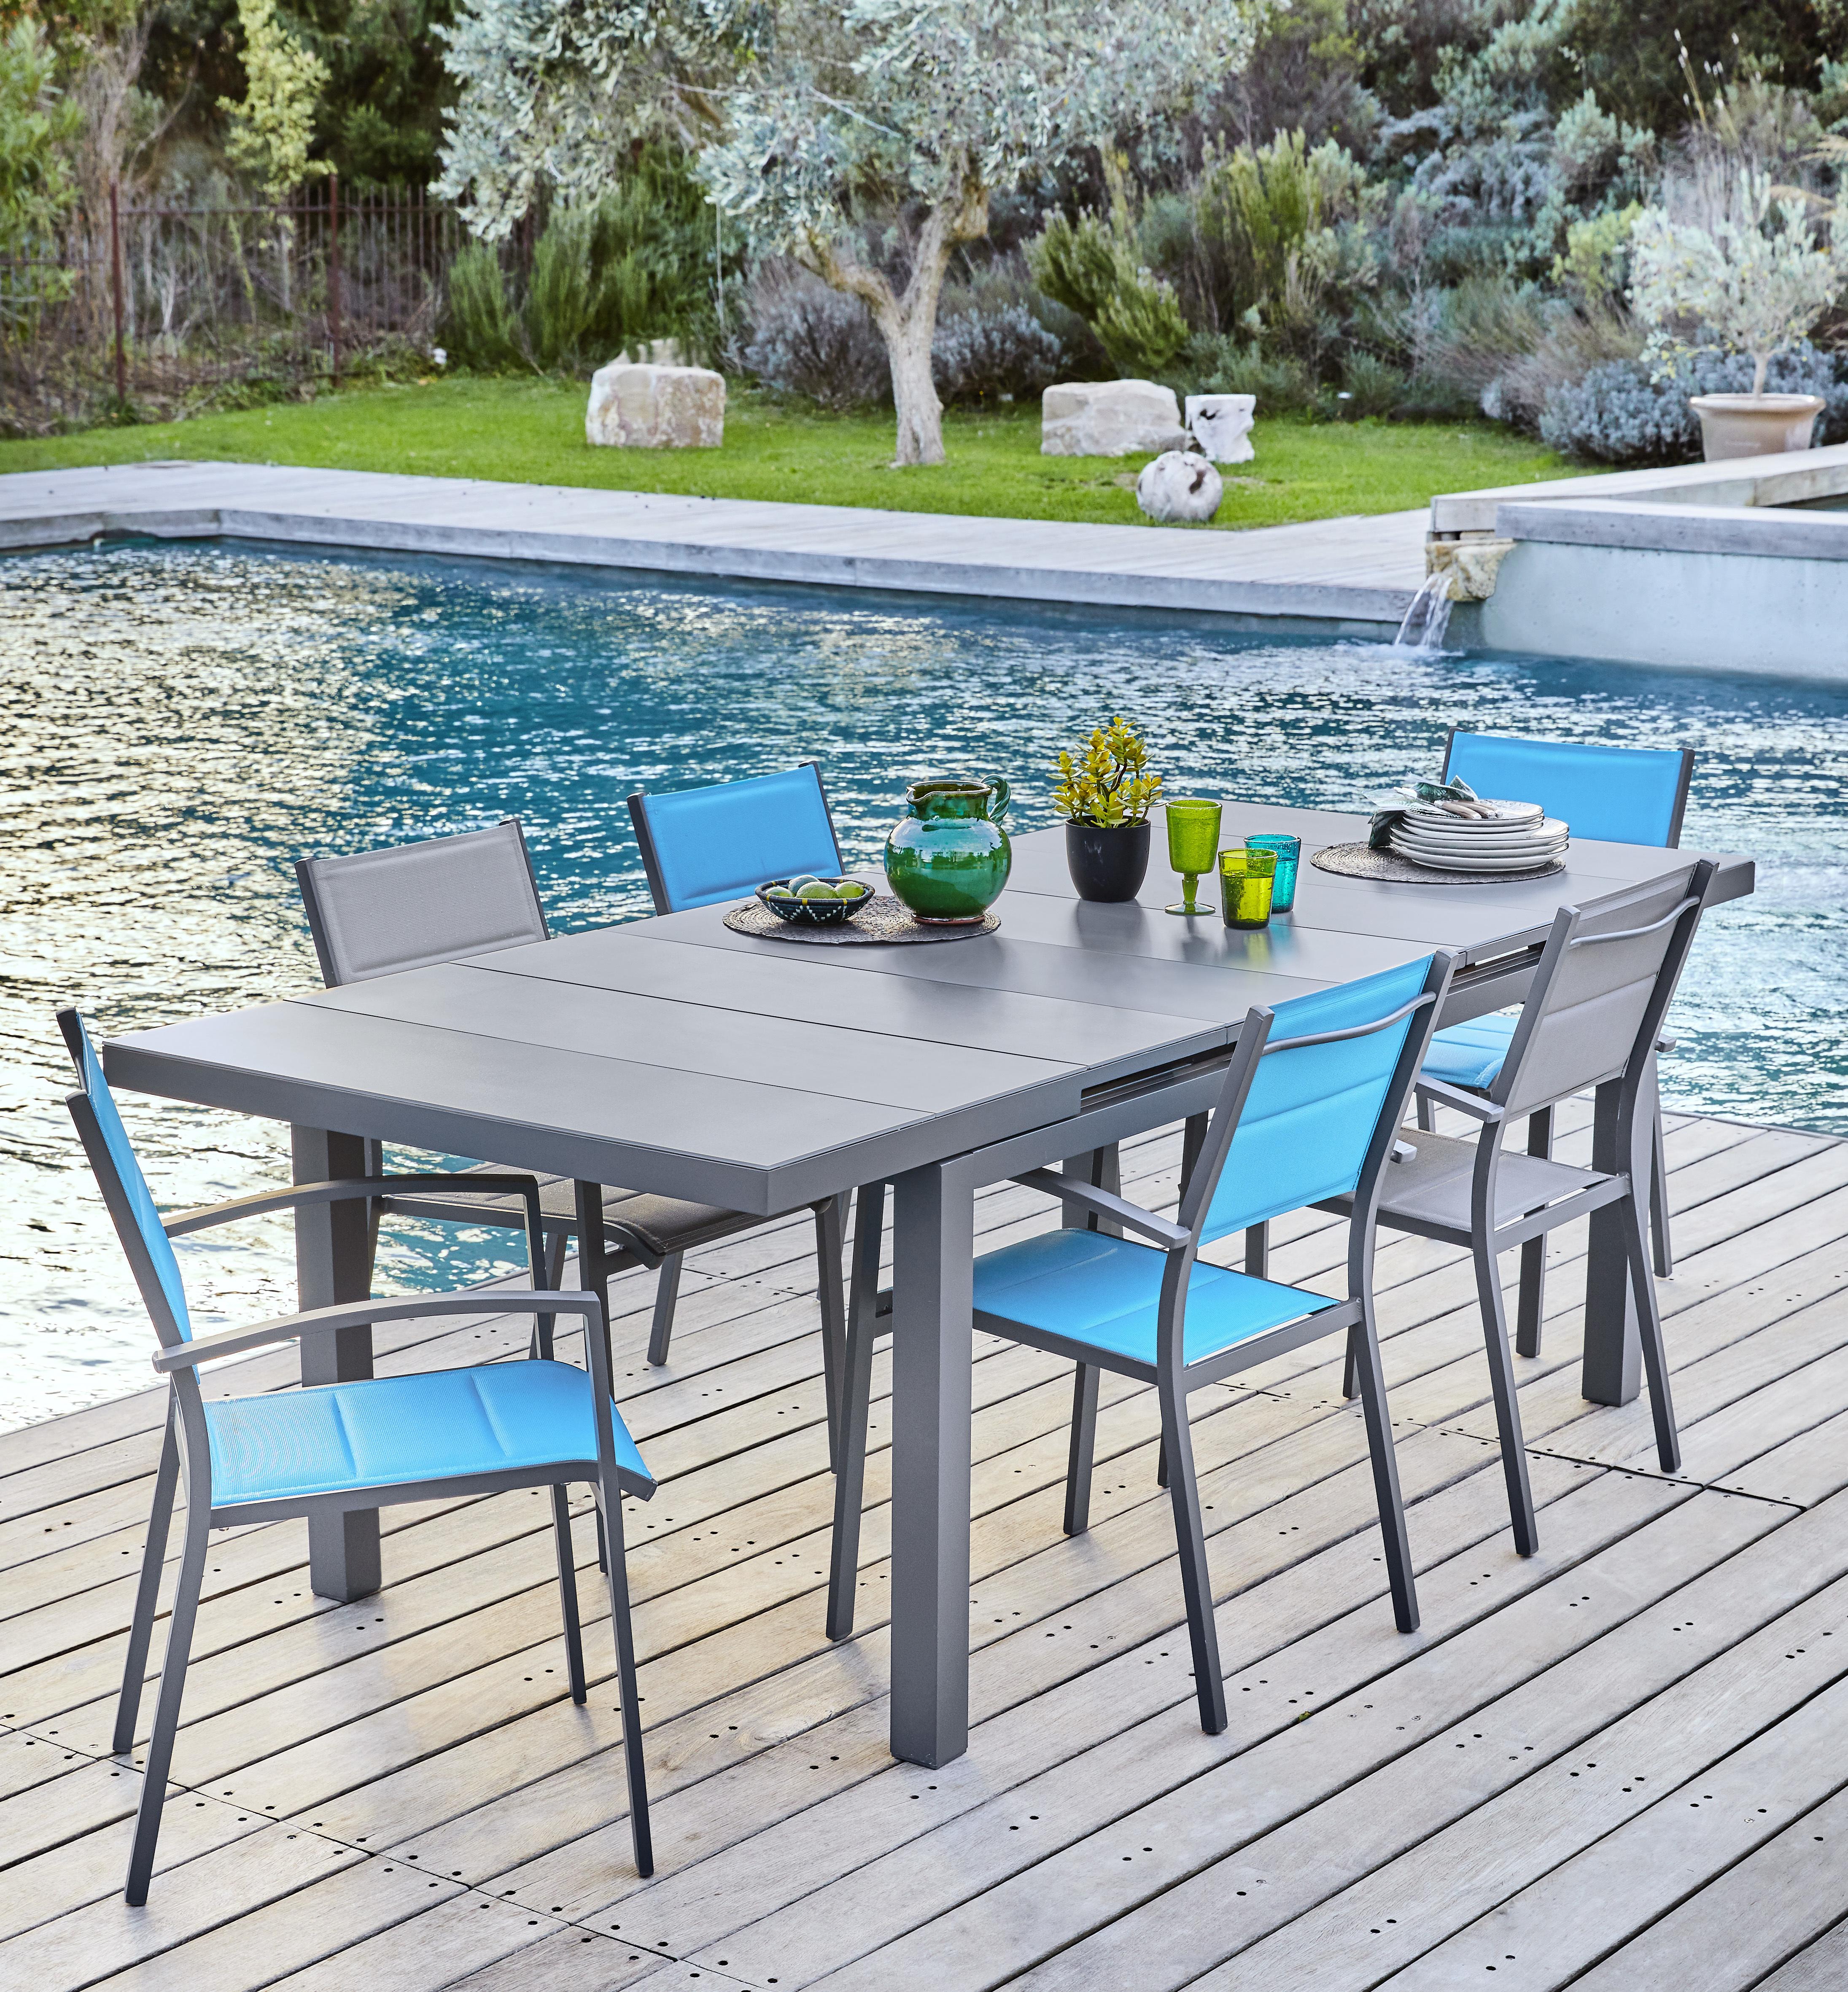 hyba ensemble table canberra allonge automatique 180 240 6 fauteuils canberra gris empilable. Black Bedroom Furniture Sets. Home Design Ideas